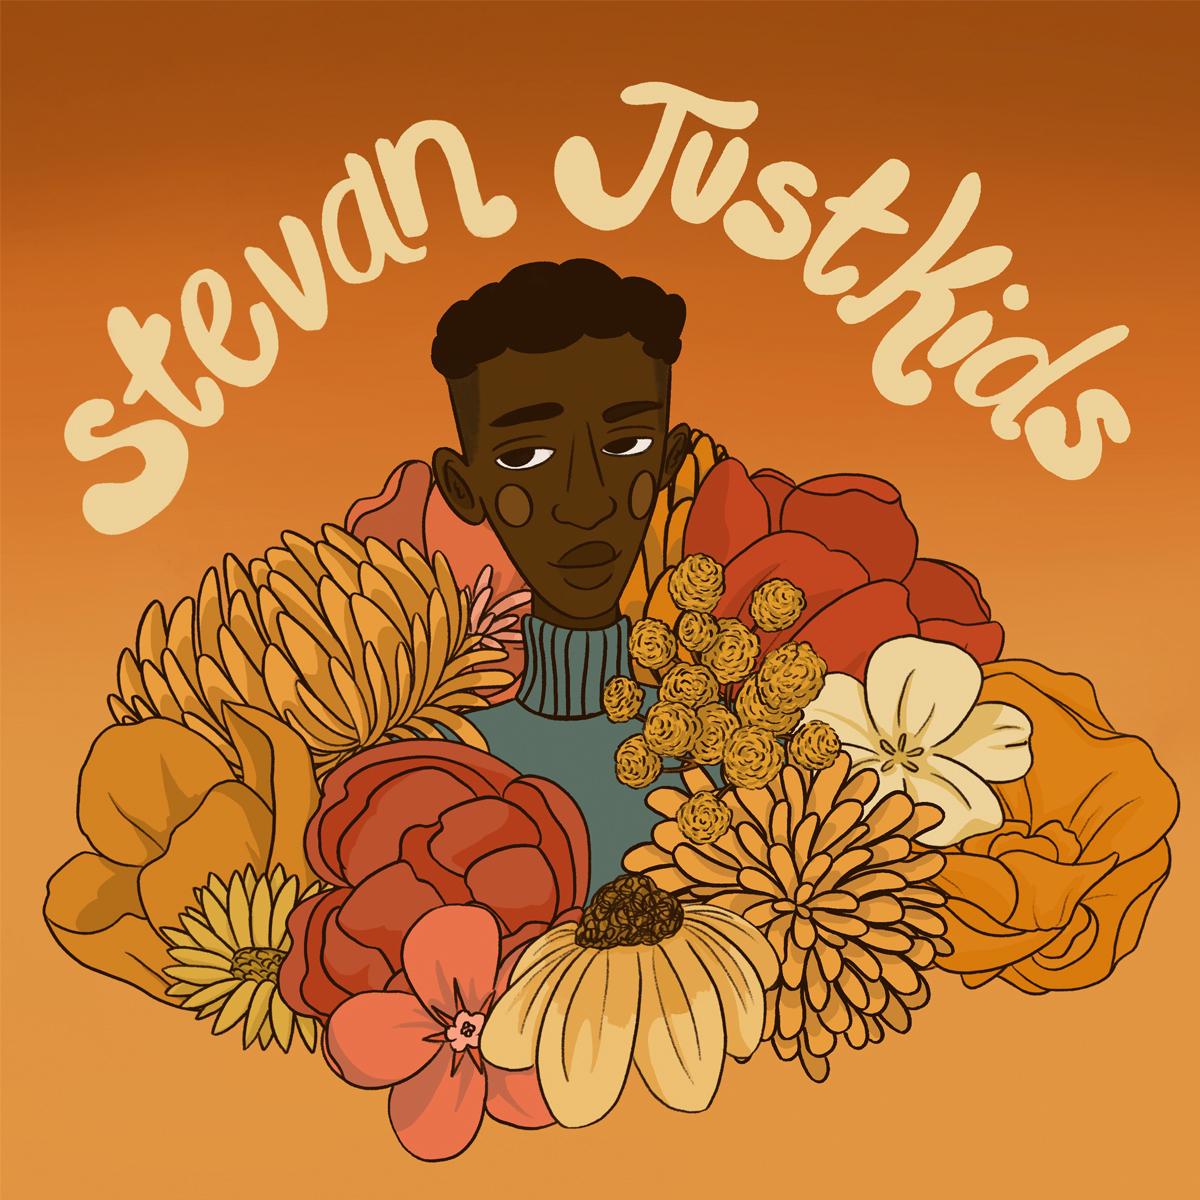 Stevan Just Kids mixtape album